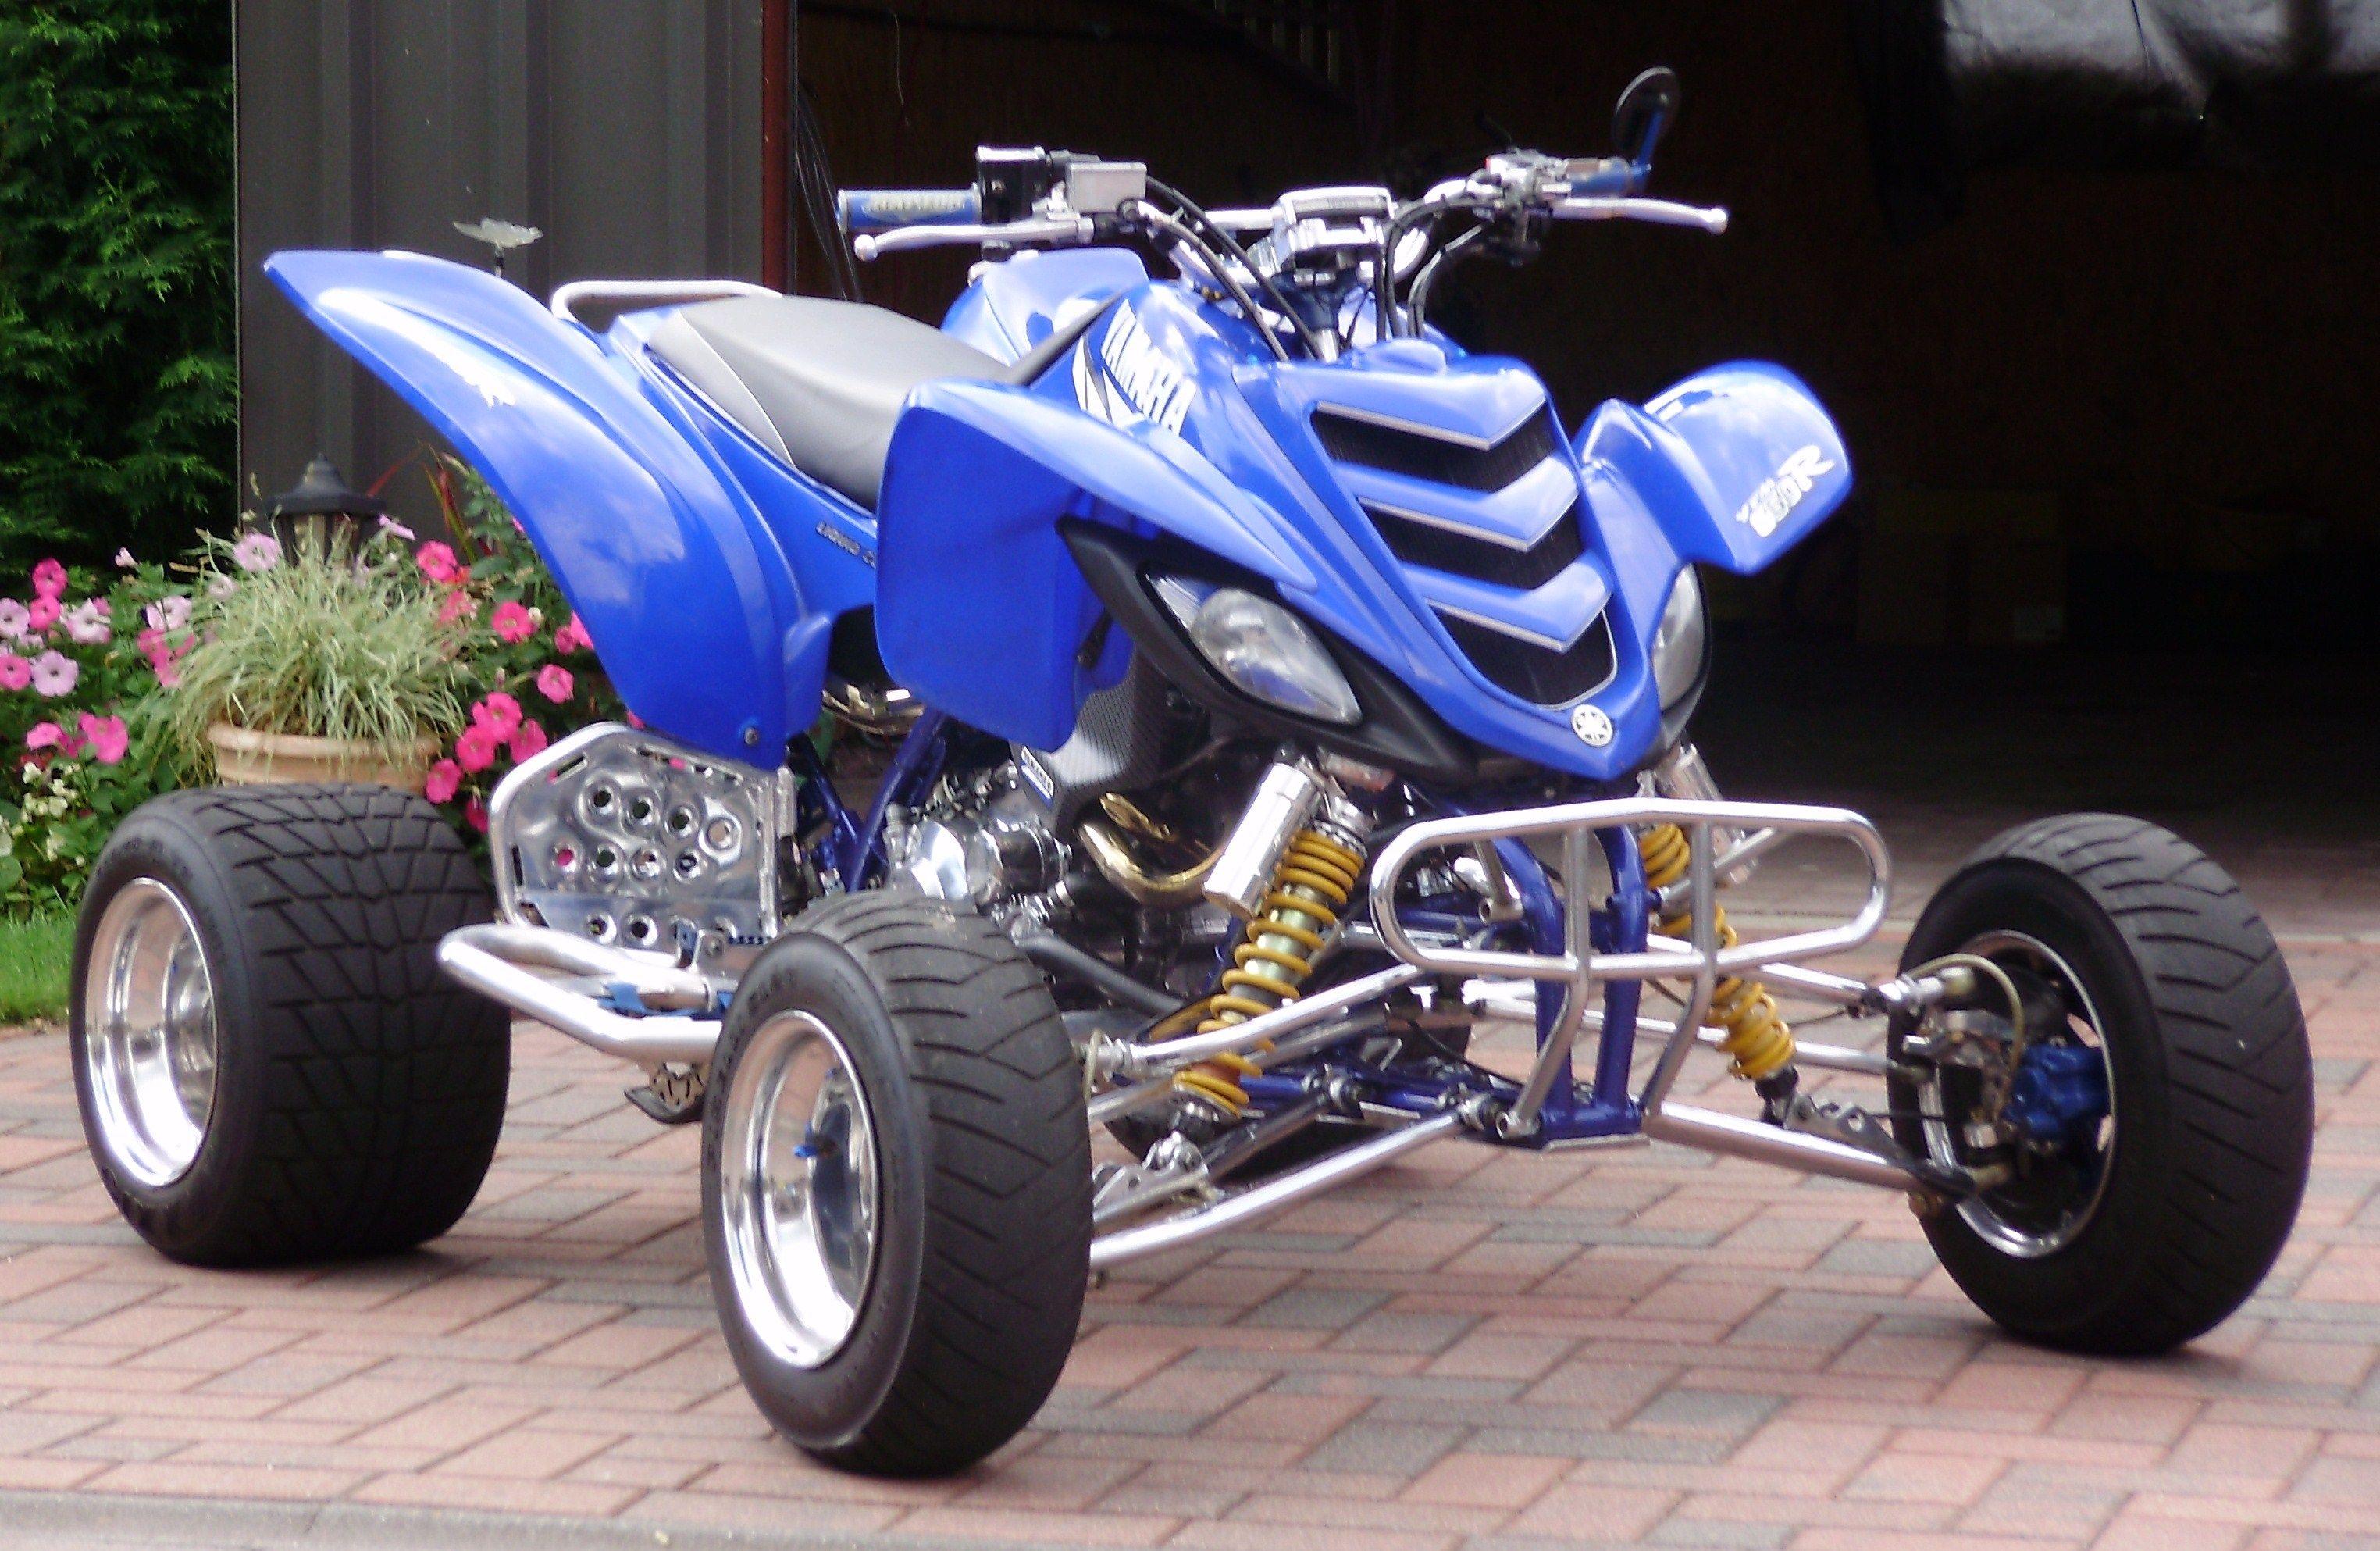 yamaha raptor 660 yamaha raptor 660 yamaha motorcycle. Black Bedroom Furniture Sets. Home Design Ideas